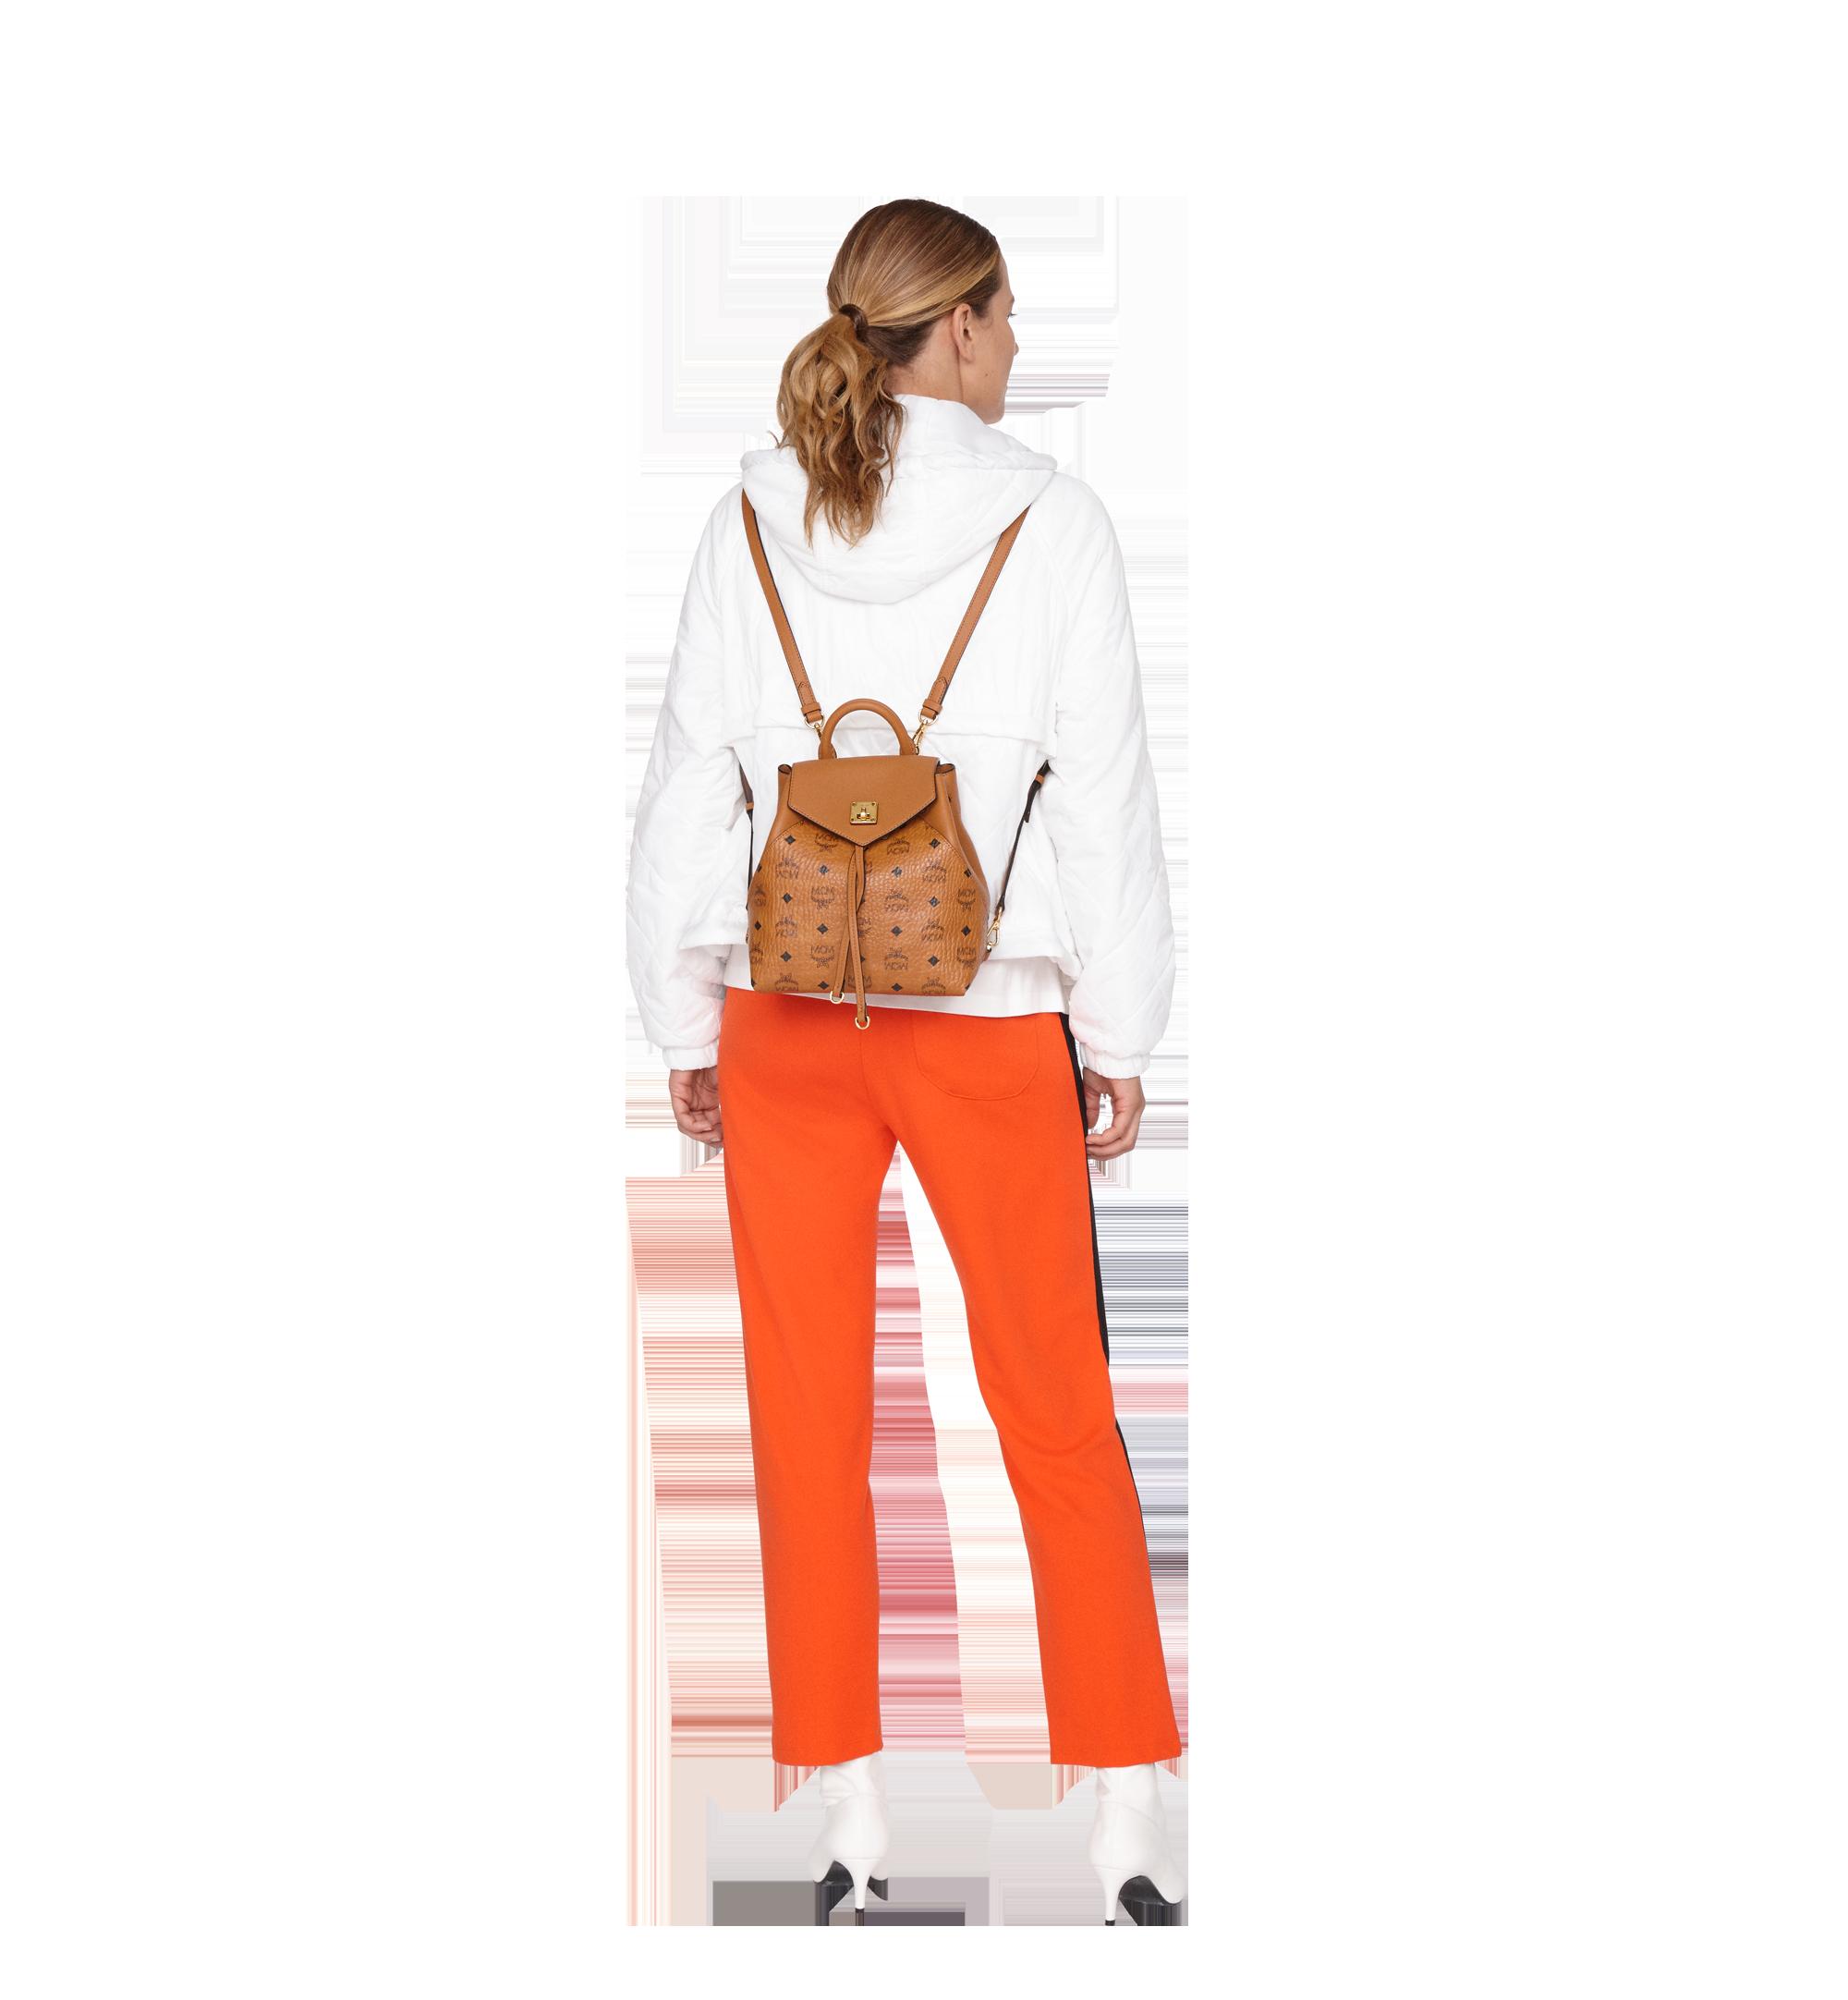 32 cm 12.5 in Essential Backpack in Visetos Original